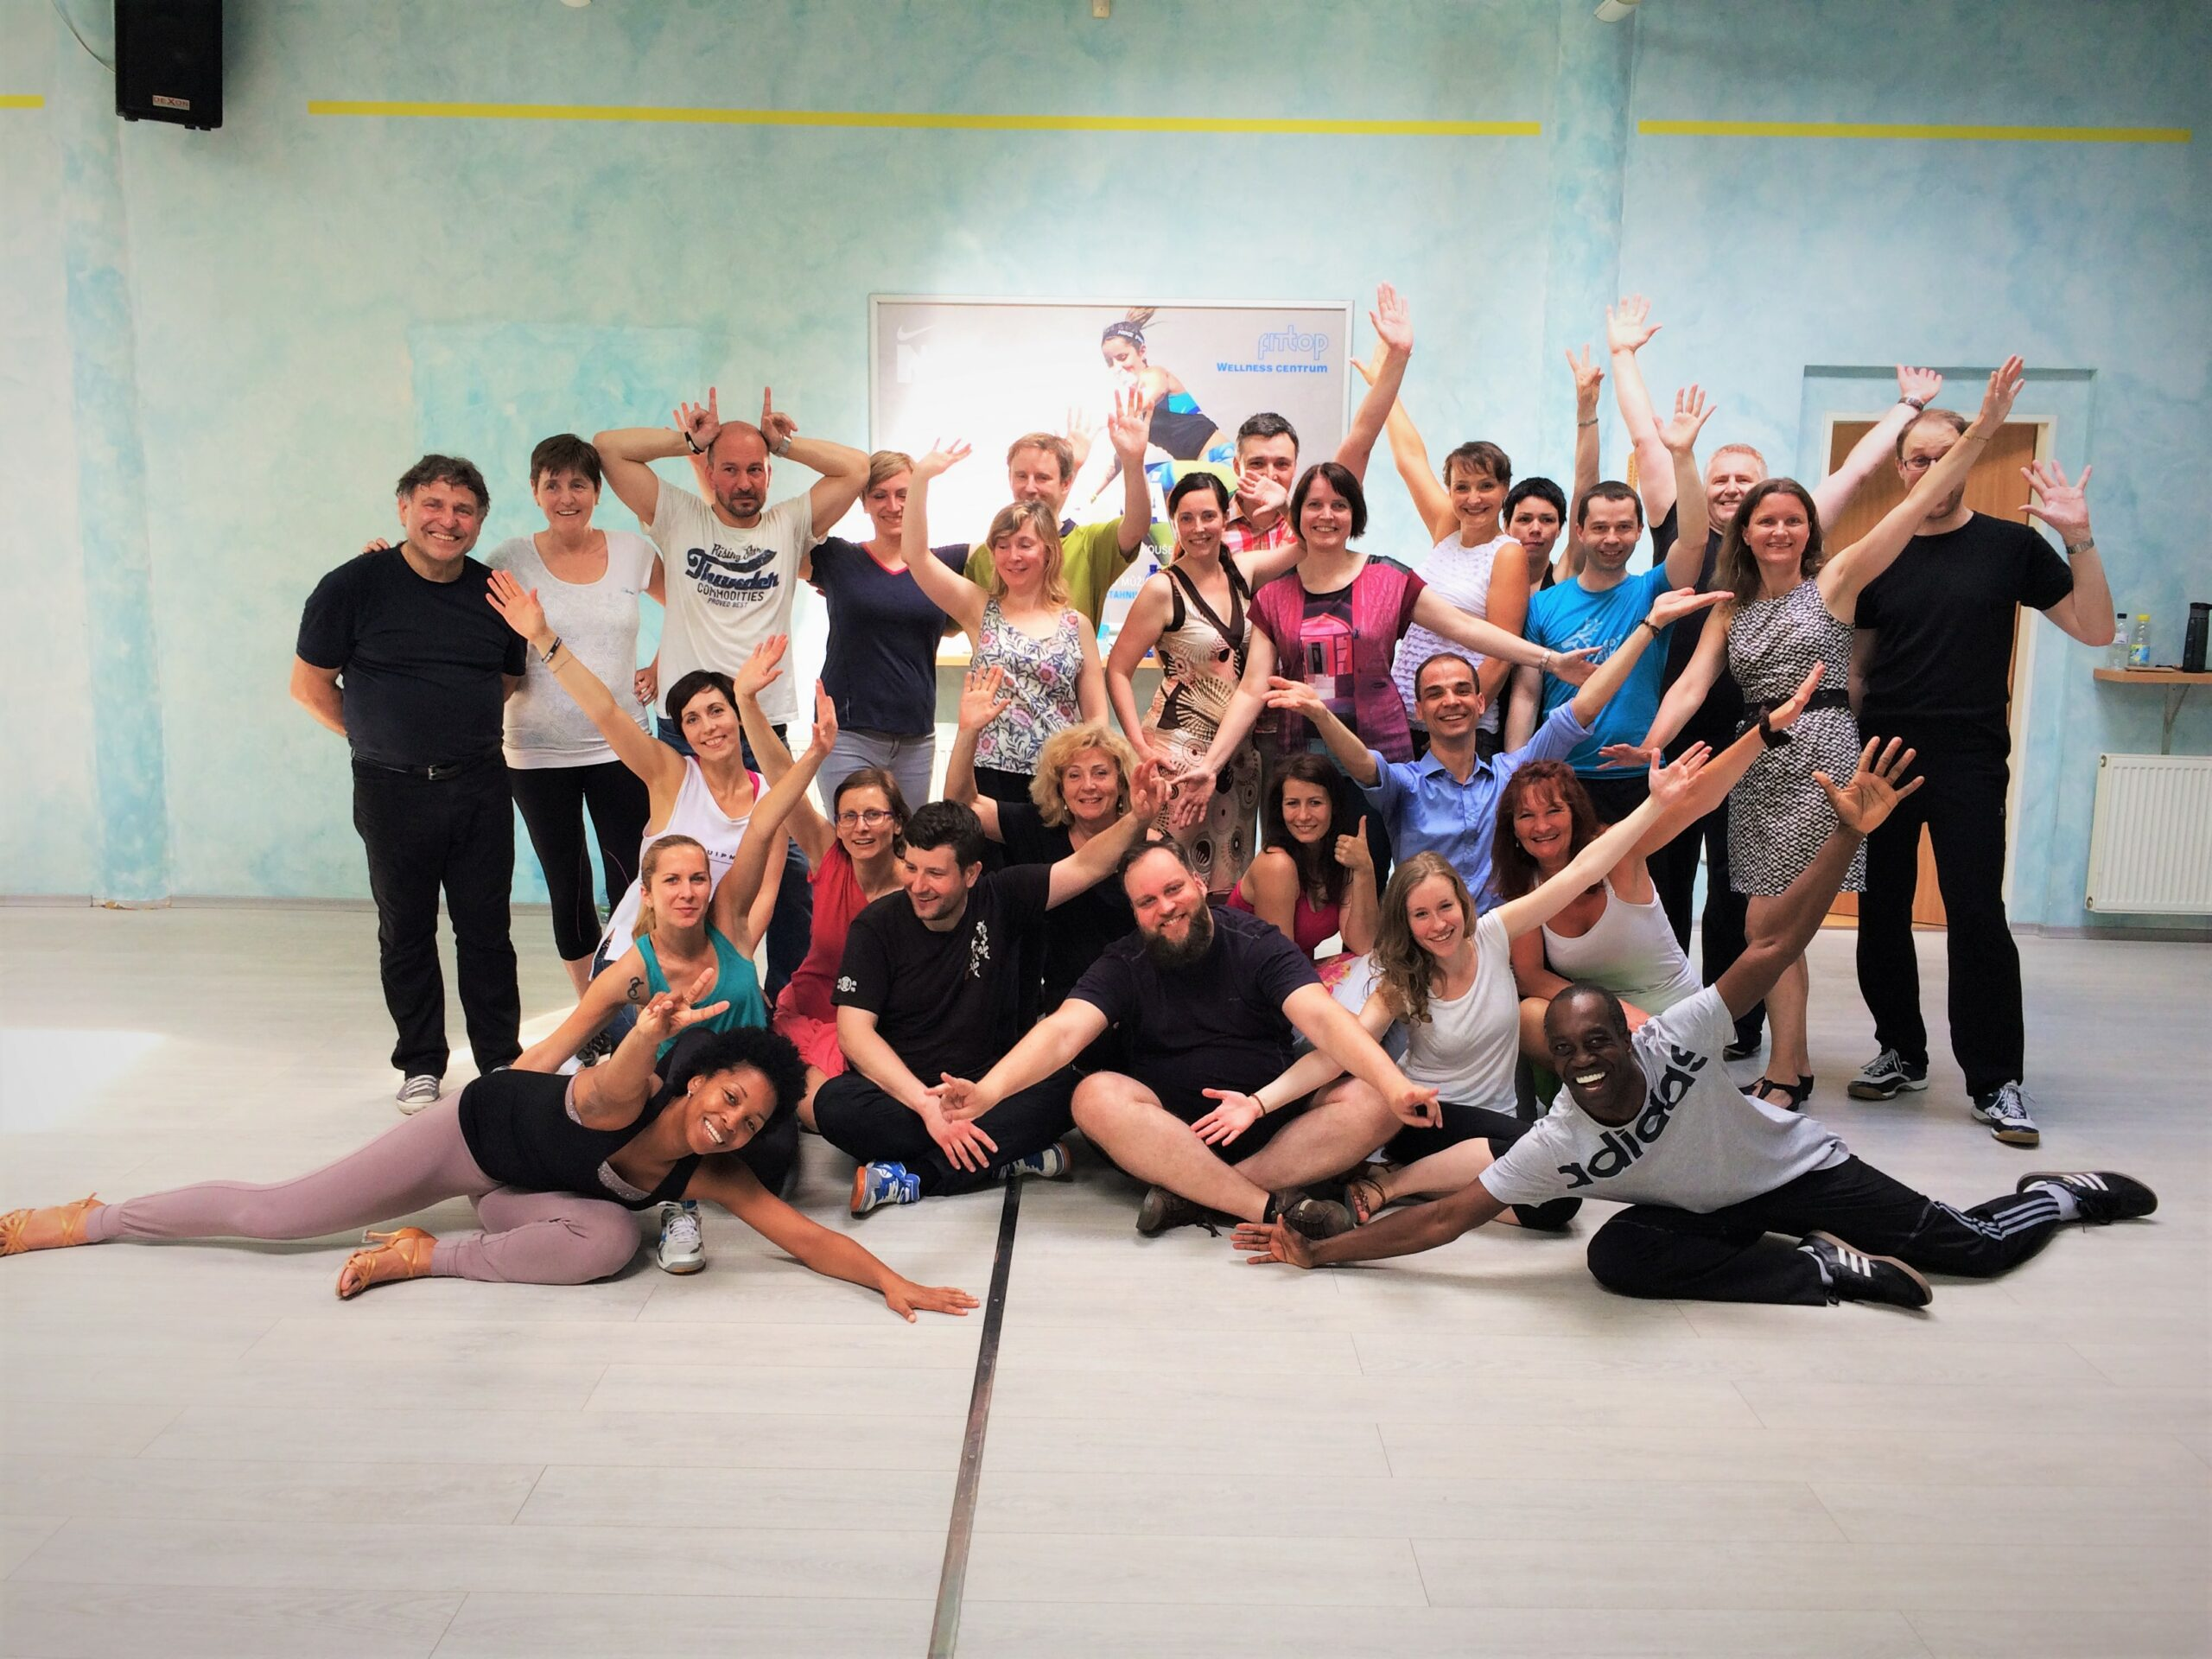 ruben-dance_karibské tance, salsa, bachata na nejvyšší úrovni v ČR!